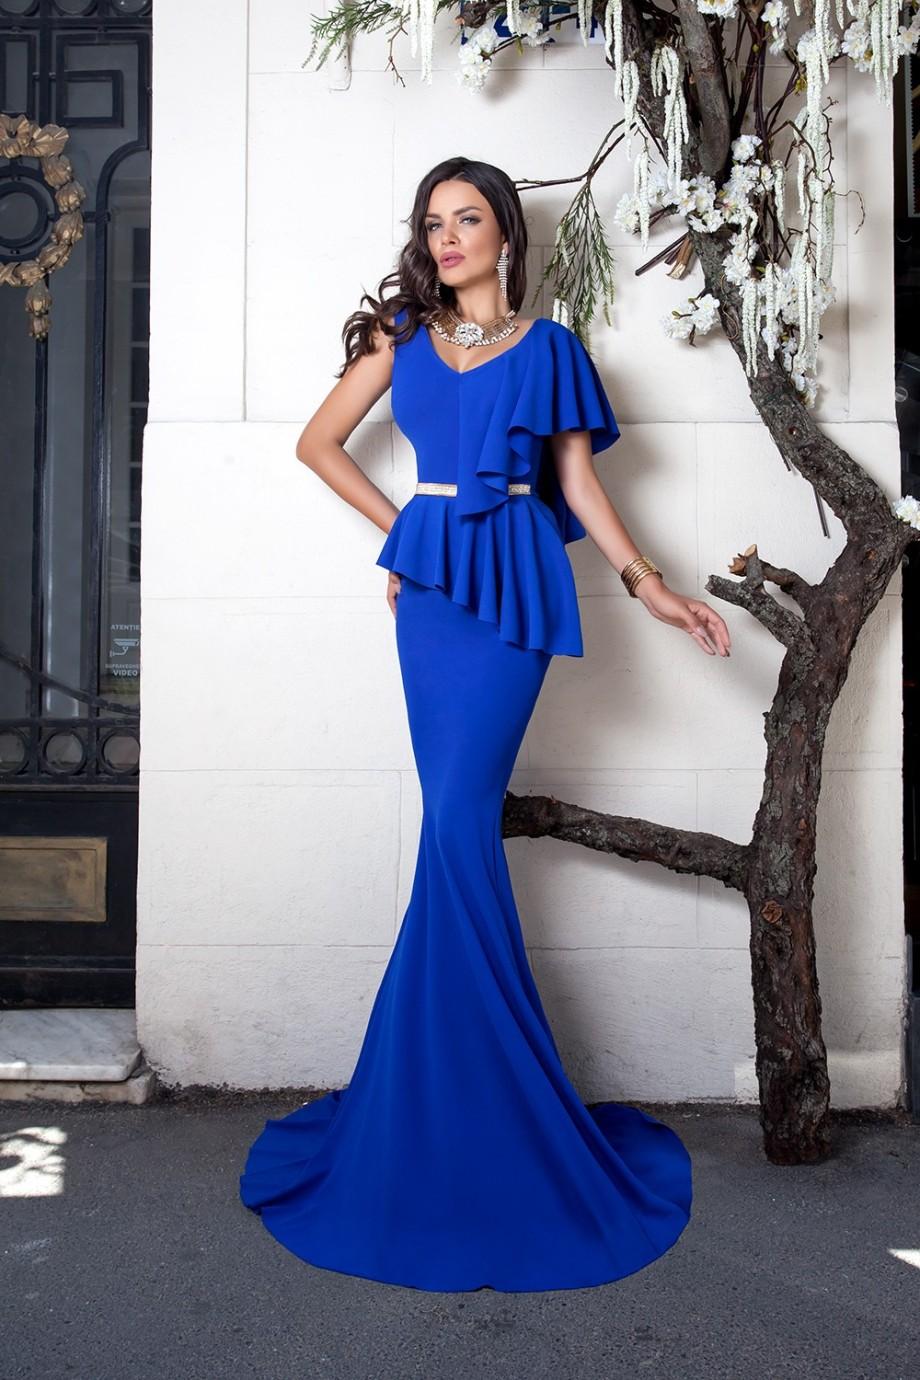 rochie-lady-ducessa-1499845285-4